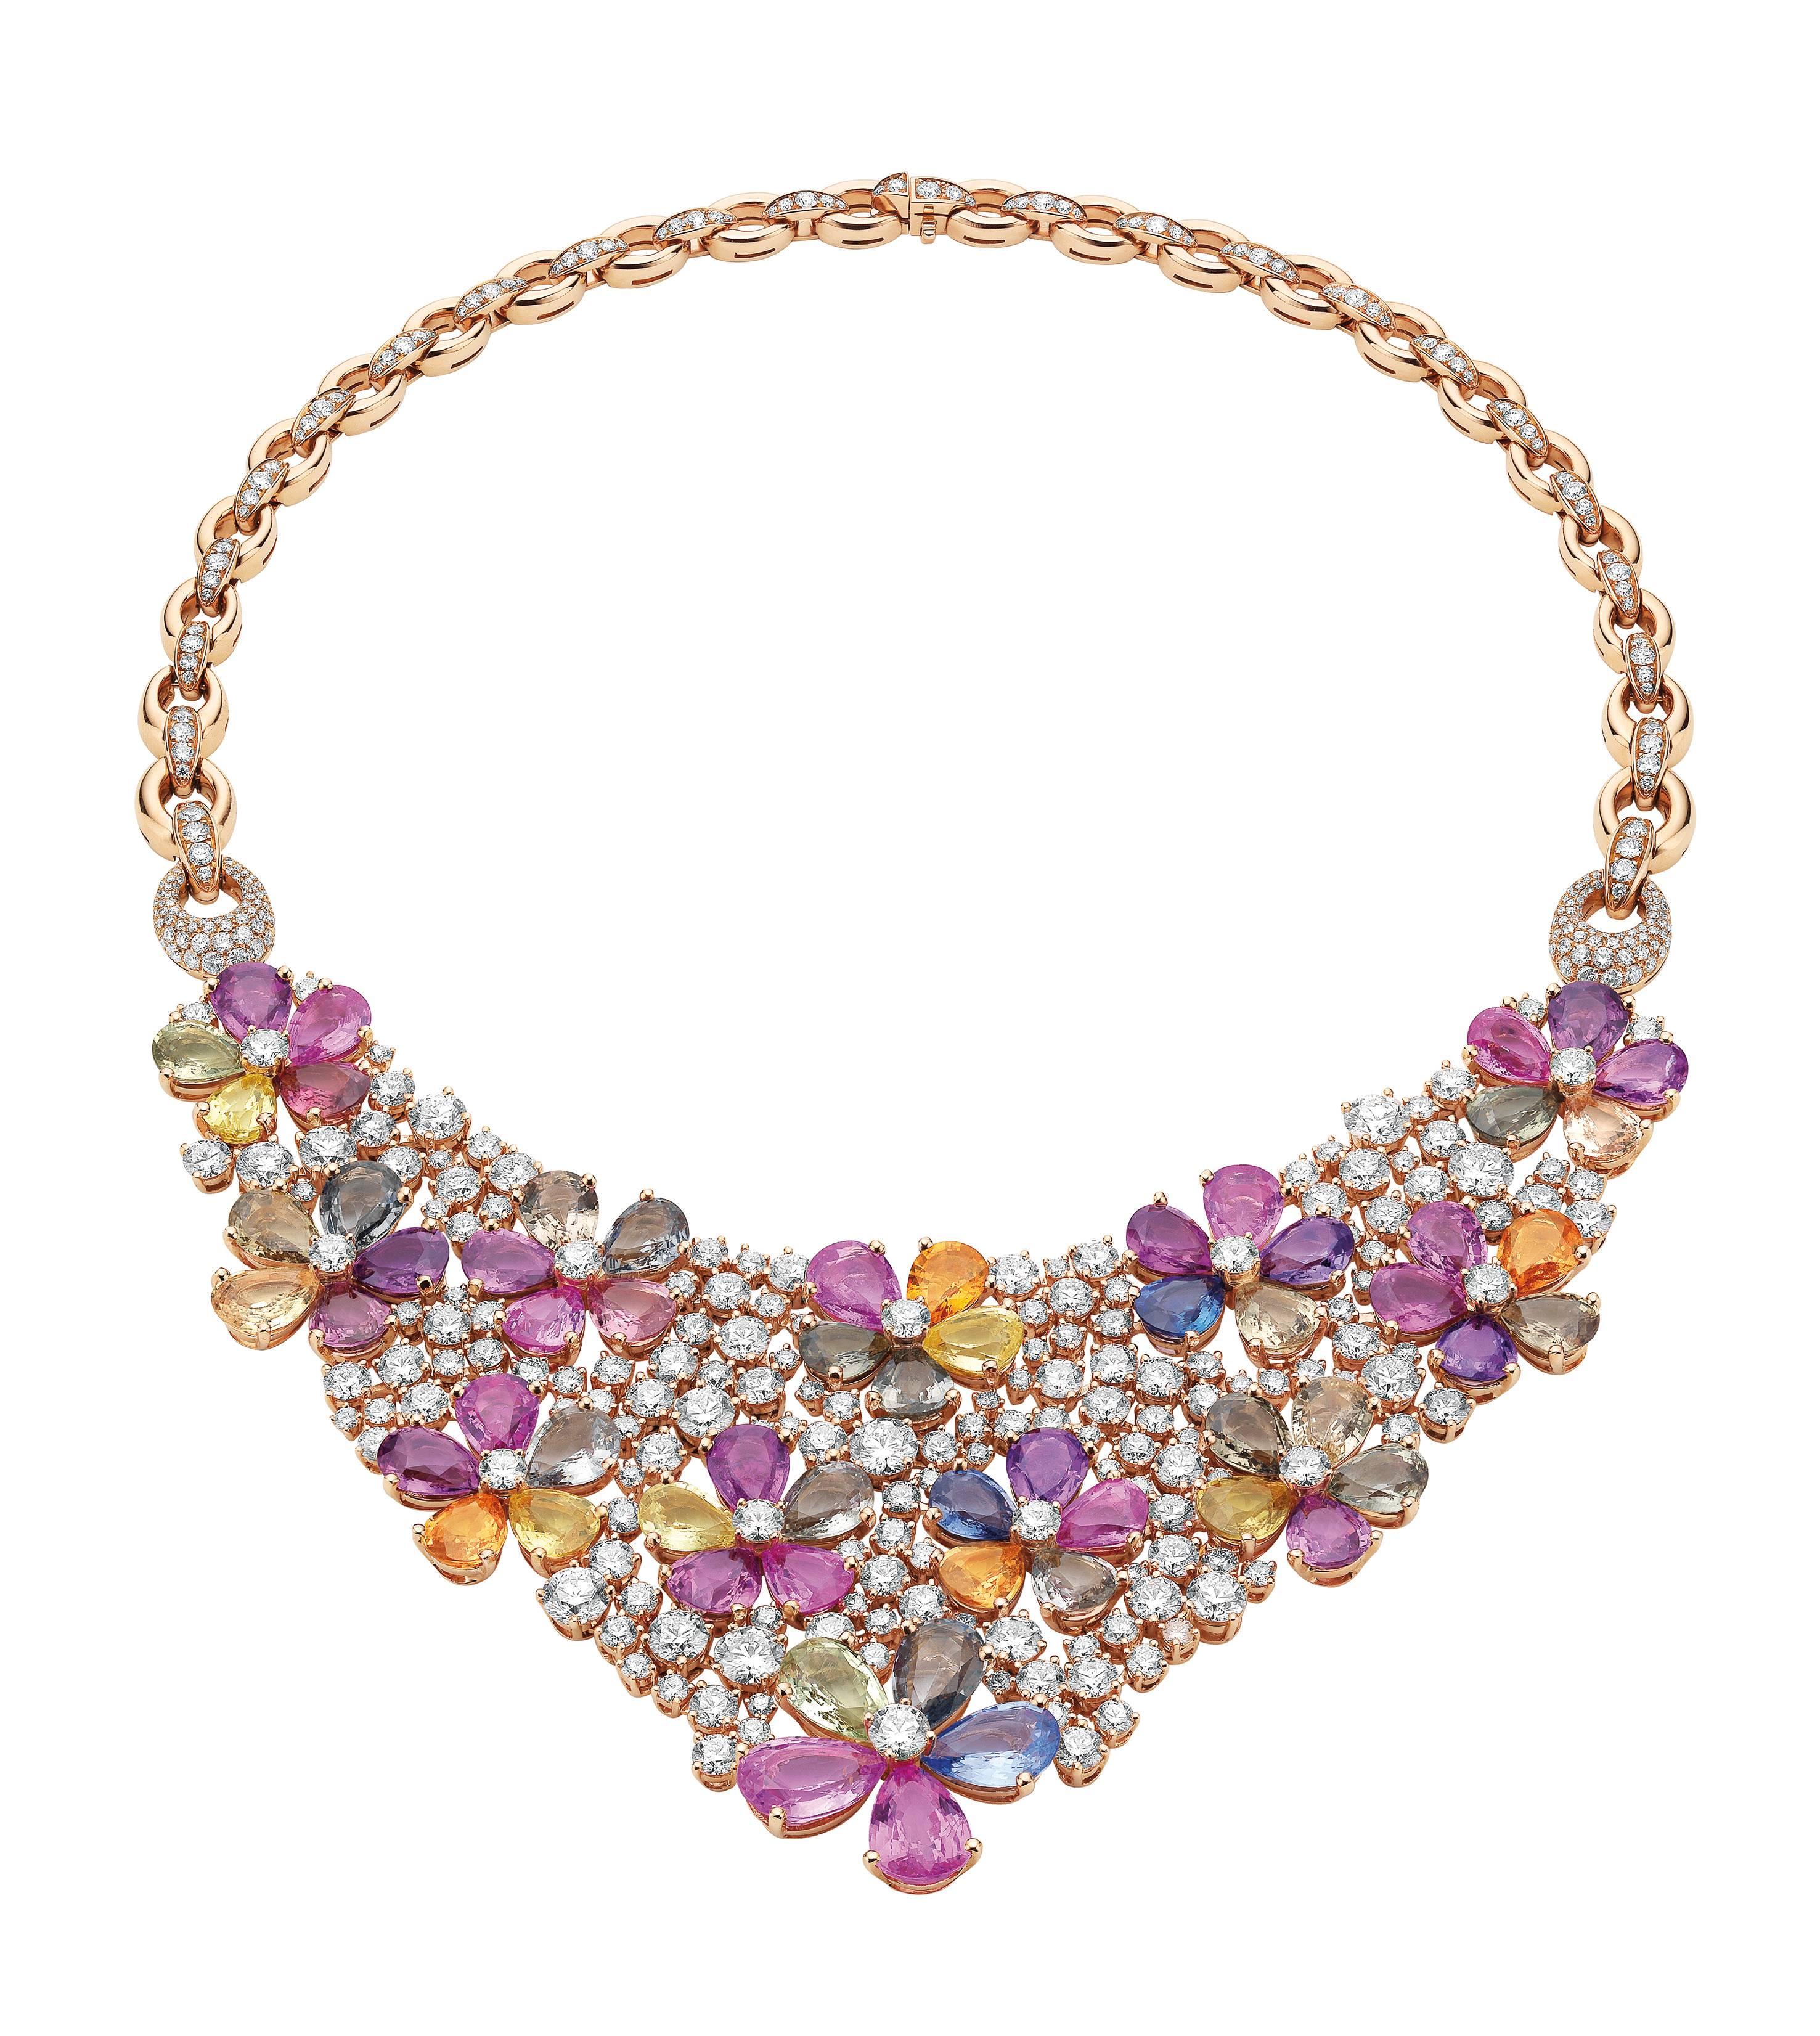 bulgari presents giardini italiani high jewelry collection